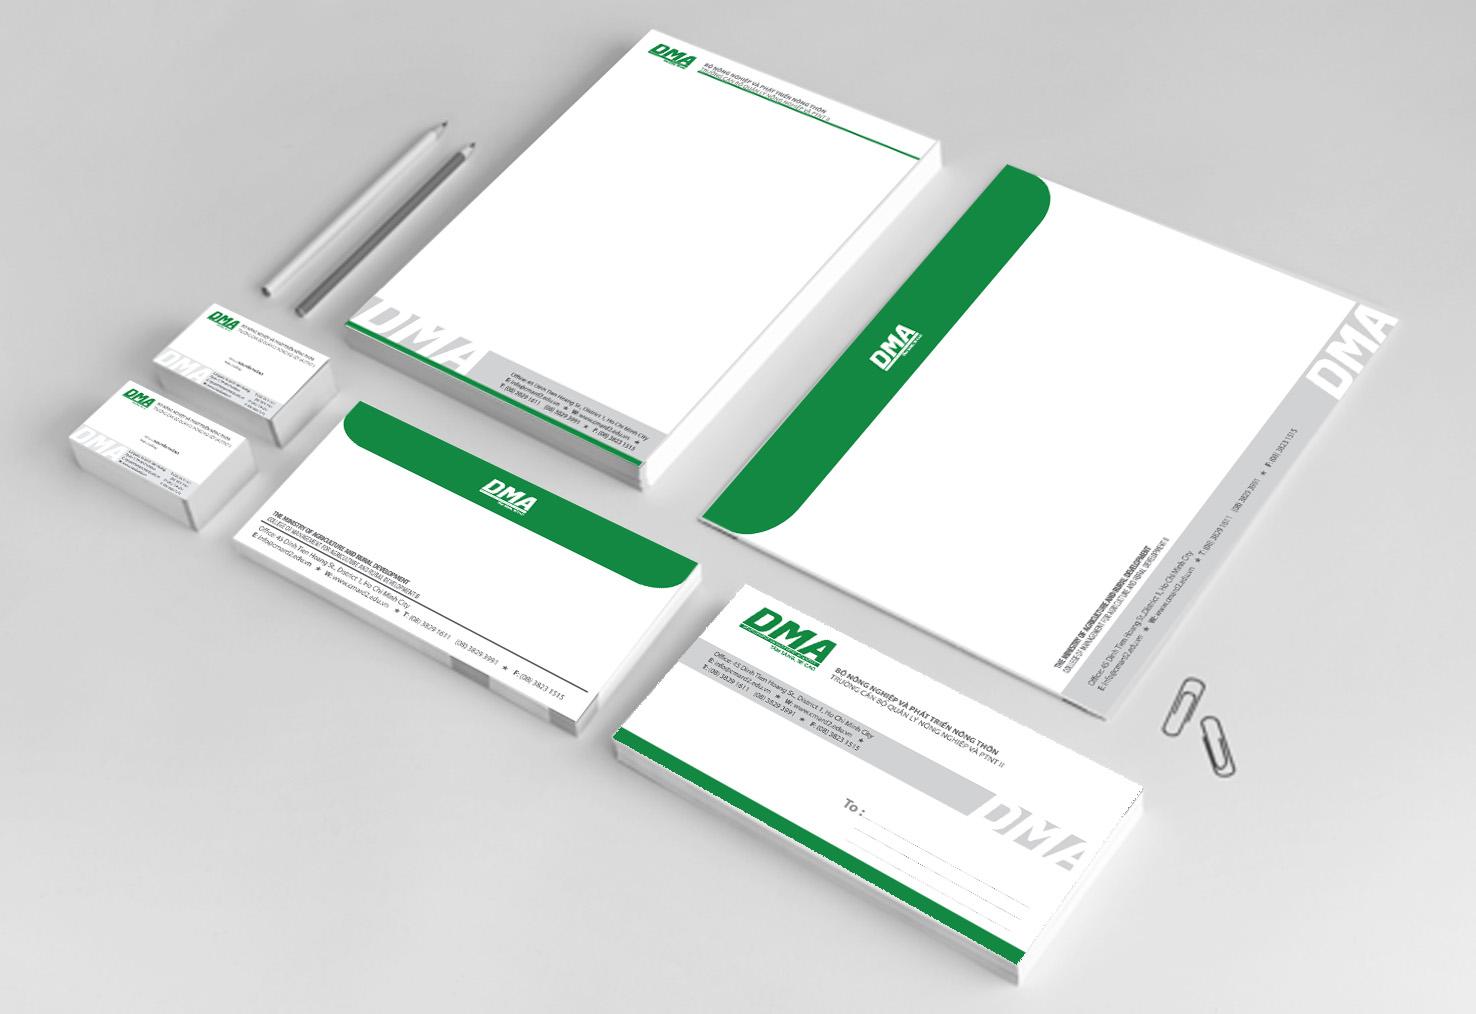 Nhu cầu in giấy biểu mẫu tiêu đề ở tp hcm